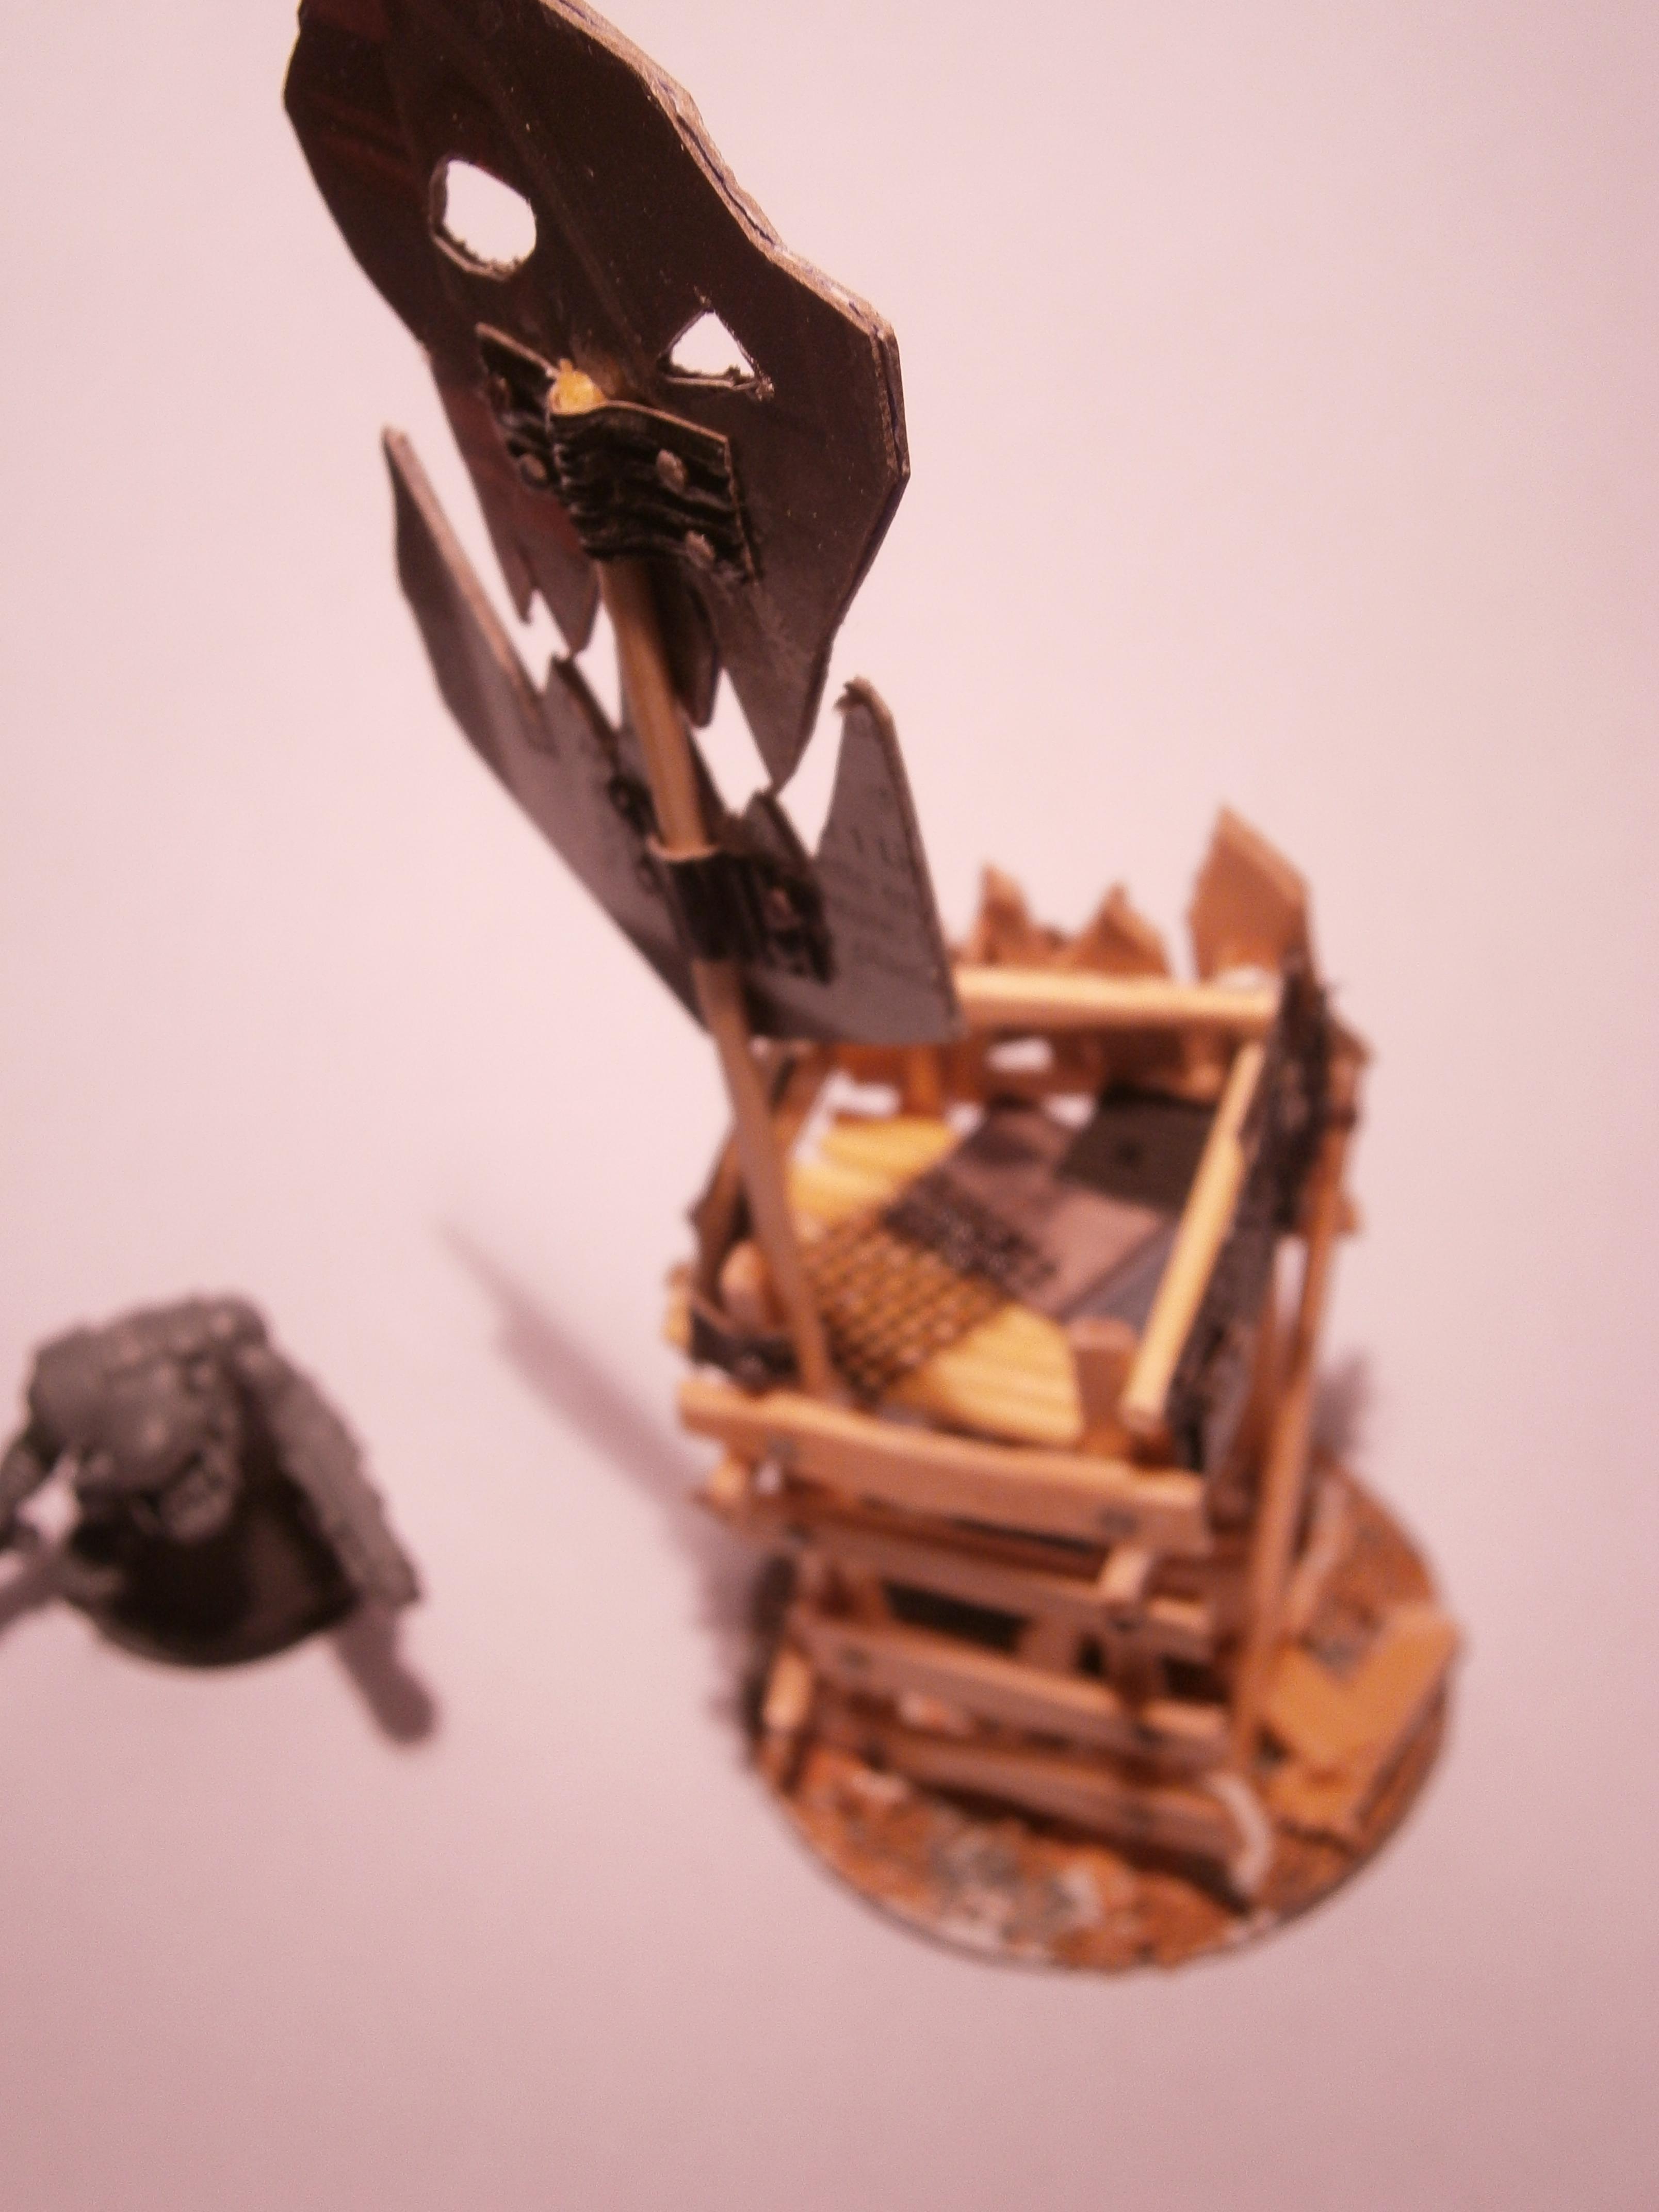 Banner, Buildings, Orks, Orky, Scratch Build, Terrain, Waaaagh, Warhammer 40,000, Watch Tower, Wooden, Work In Progress